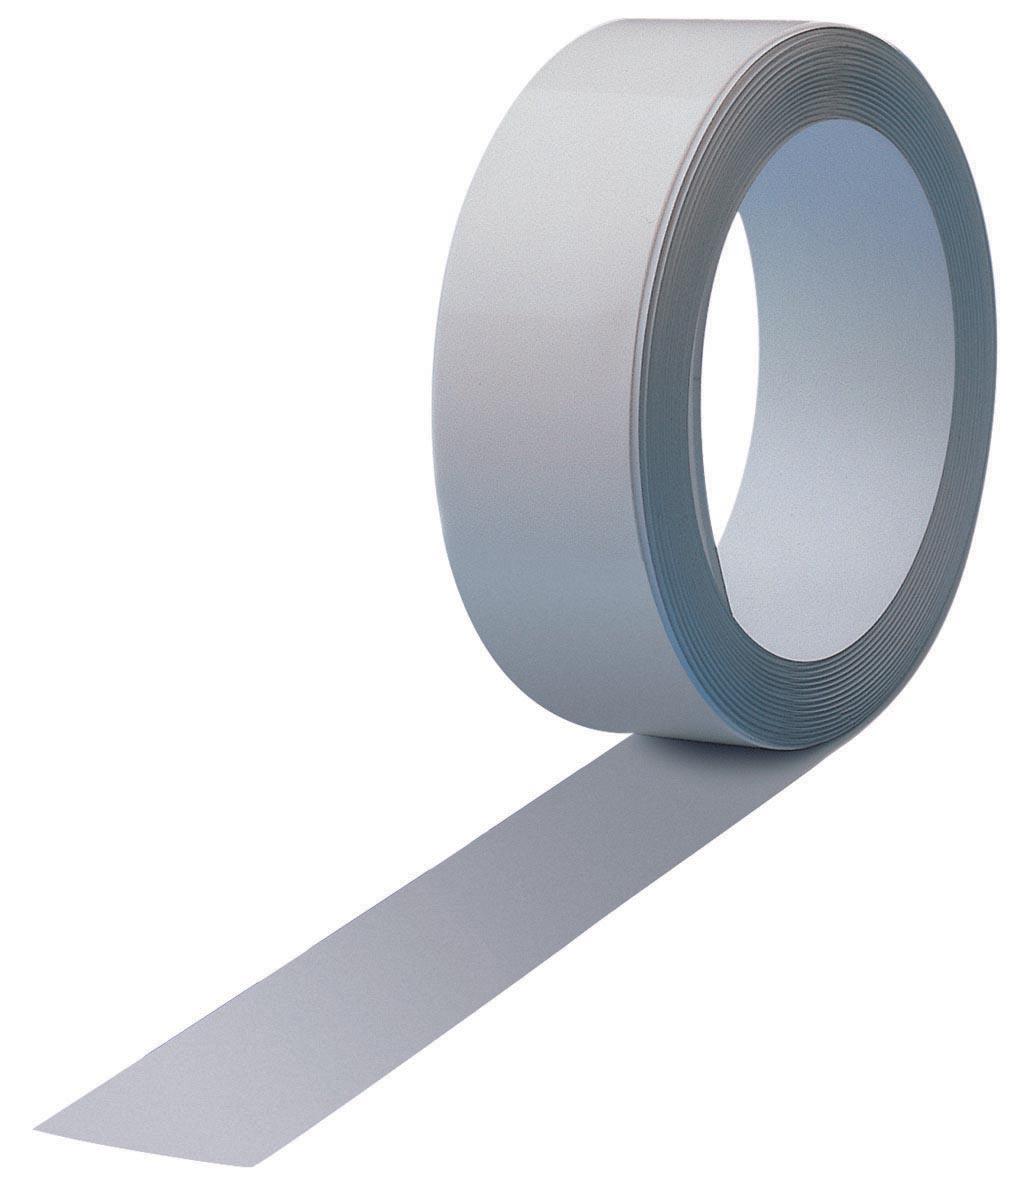 Maul ferroband 25 m x 35 mm